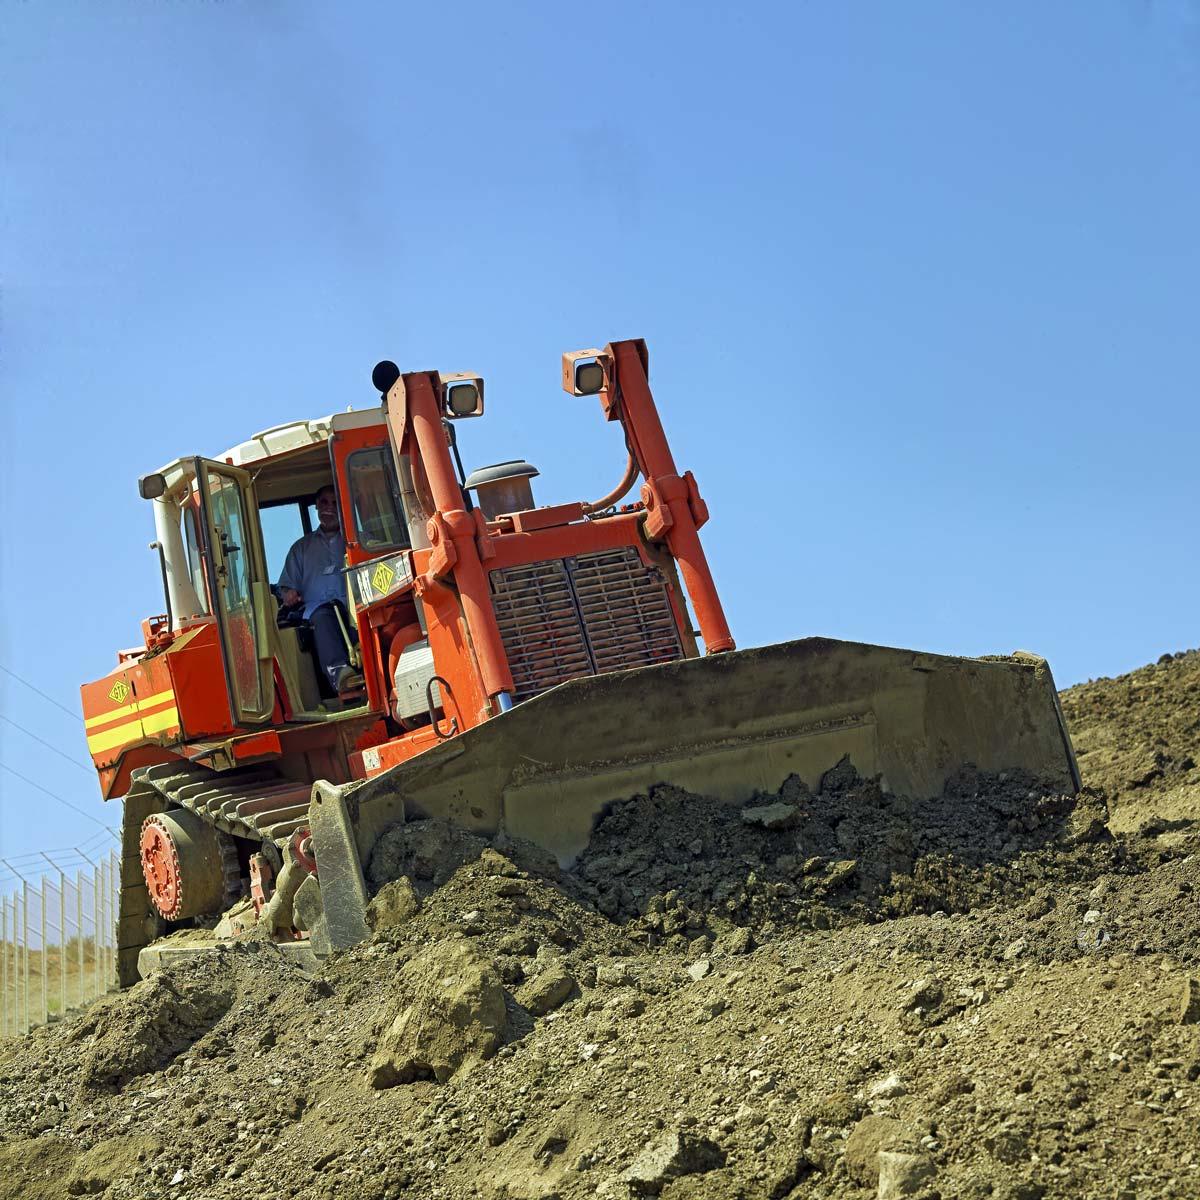 Travaux de terrassement pour la construction de l'usine Renault à Tangers